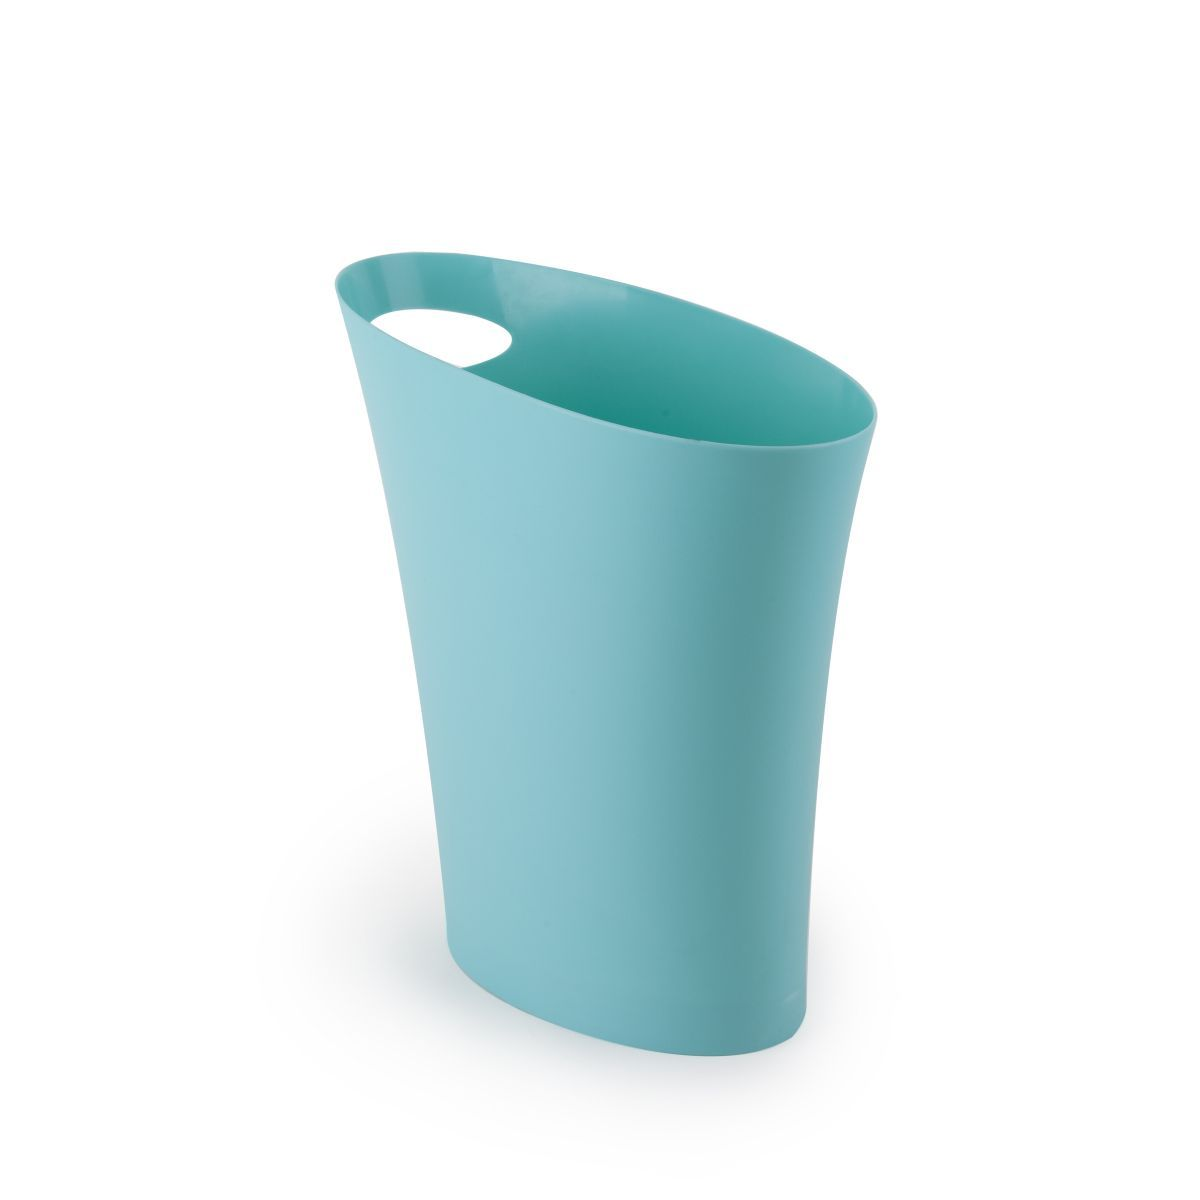 Контейнер мусорный Skinny морская волна082610-276Компактная корзина для мусора Umbra Skinny, которая поместится в любую узкую нишу. Например между стеной и кухонным шкафом, диваном в гостиной и креслом или ванной и раковиной. Объем7,5 литров. Изготовлена из полипропилена. Оснащена удобной ручкой для переноски.